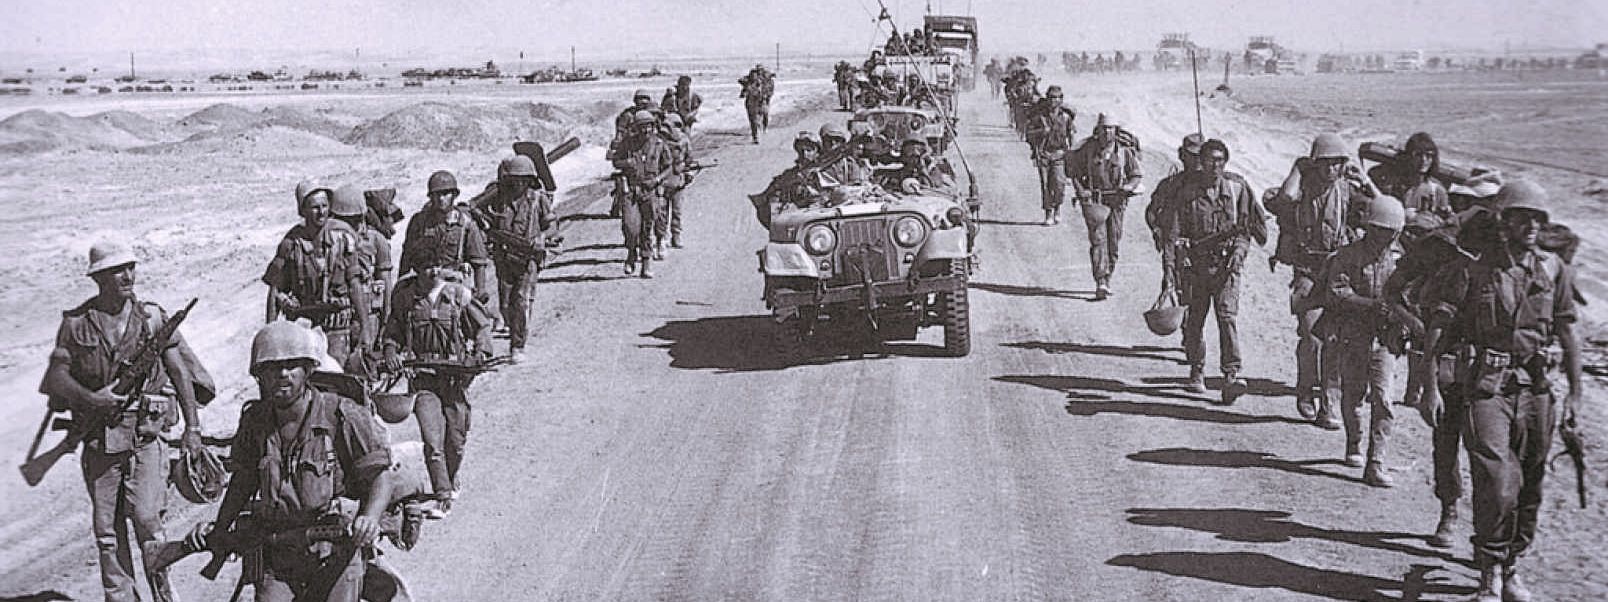 yom_kippur_war.jpg